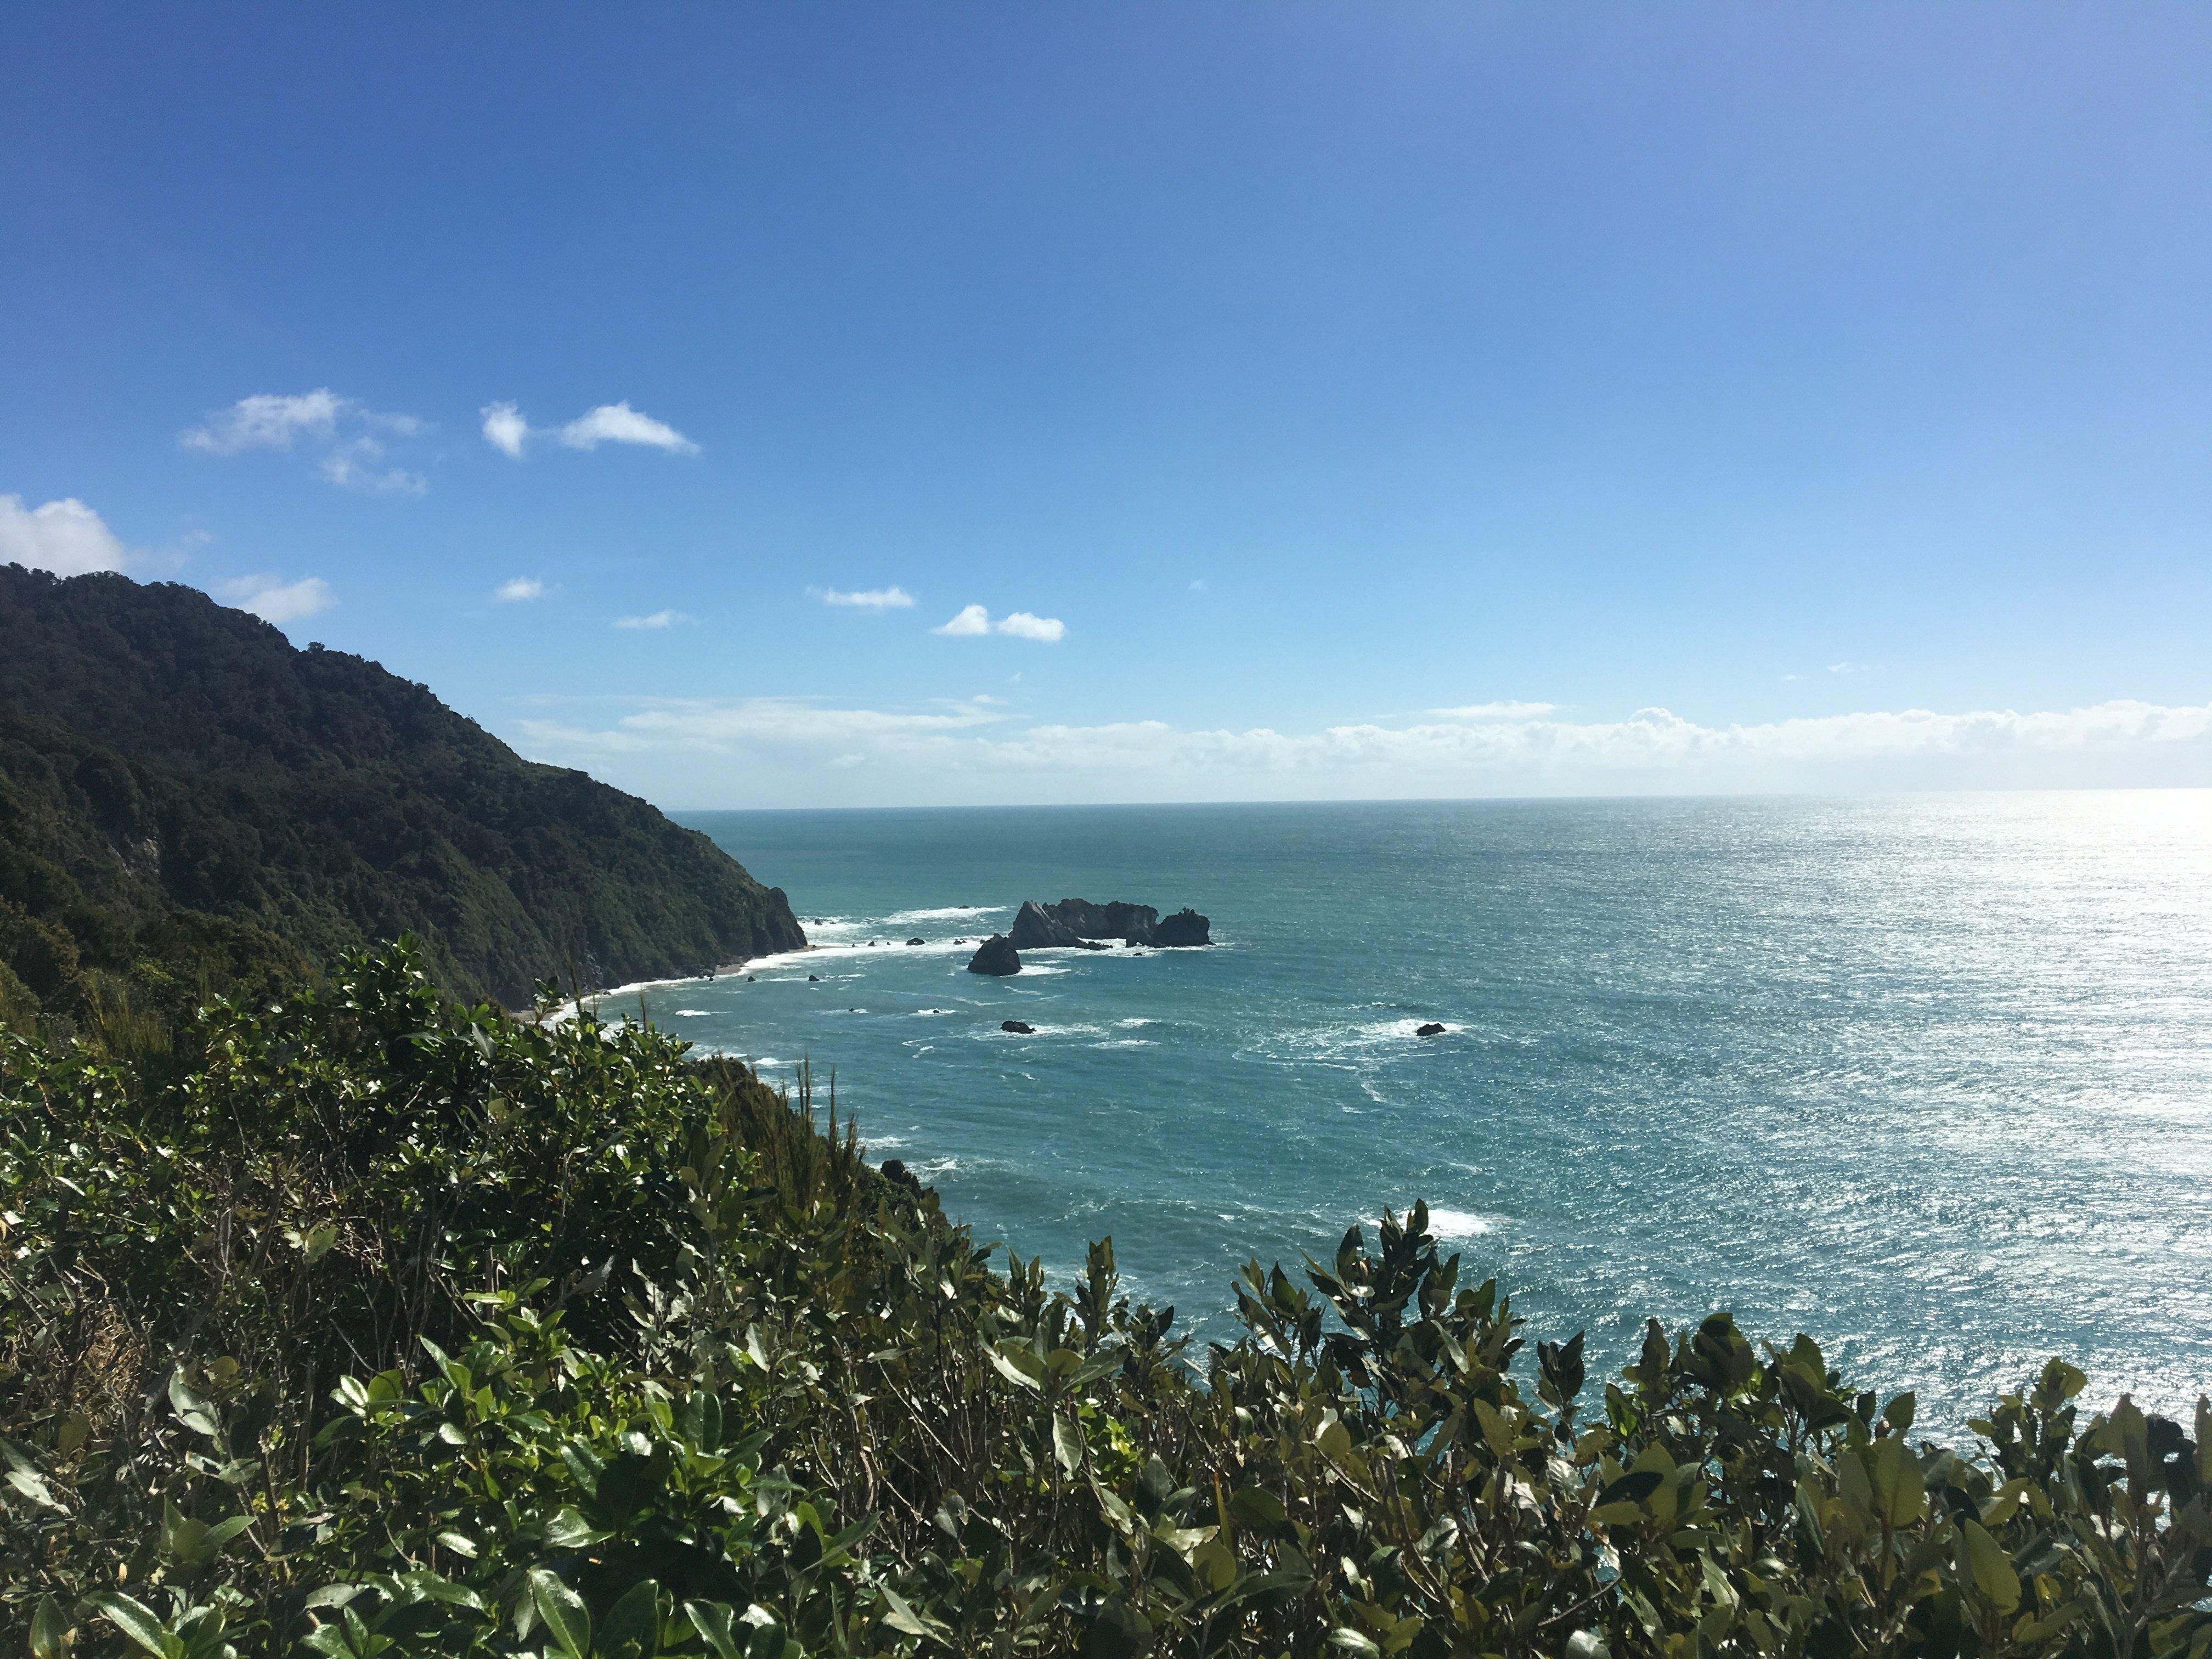 新西兰言情自驾游】12天蜜月旅行攻略+实用攻游记南岛图片